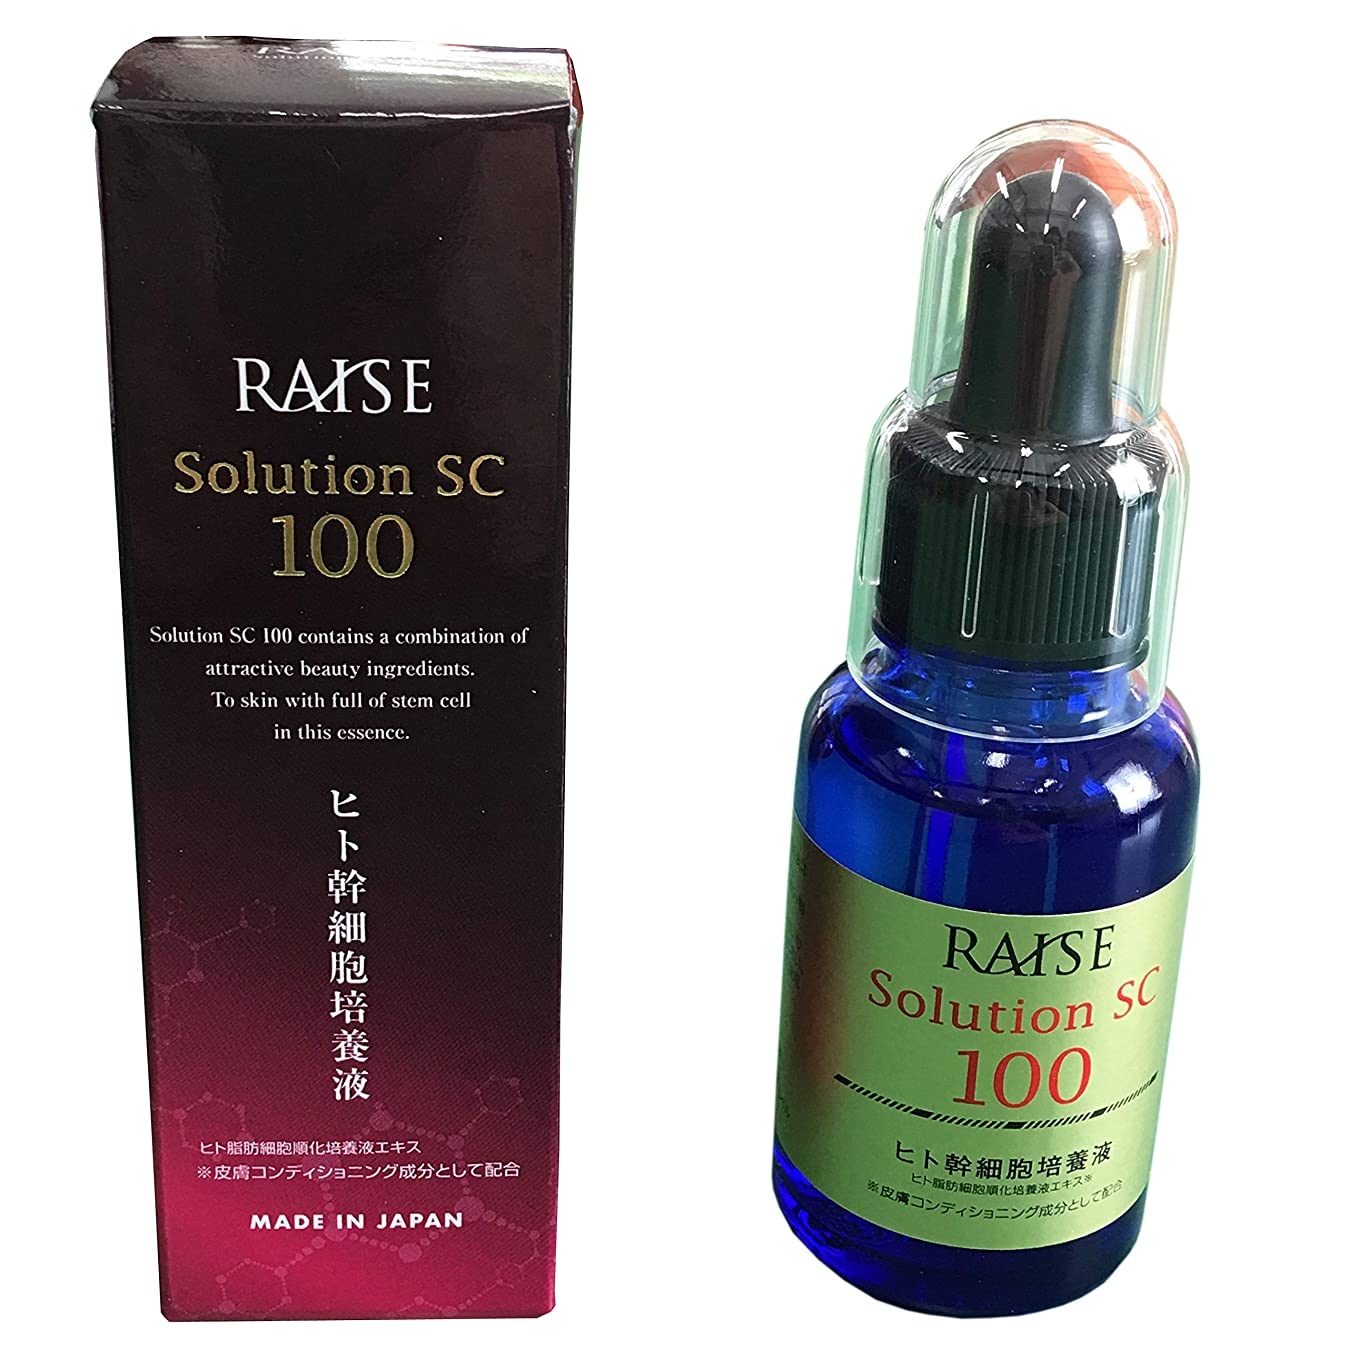 有望電話する腐食するRAISE レイズ ソリューション SC100 美容液 30ml ヒト幹細胞 + 活性型 FGF RS-E